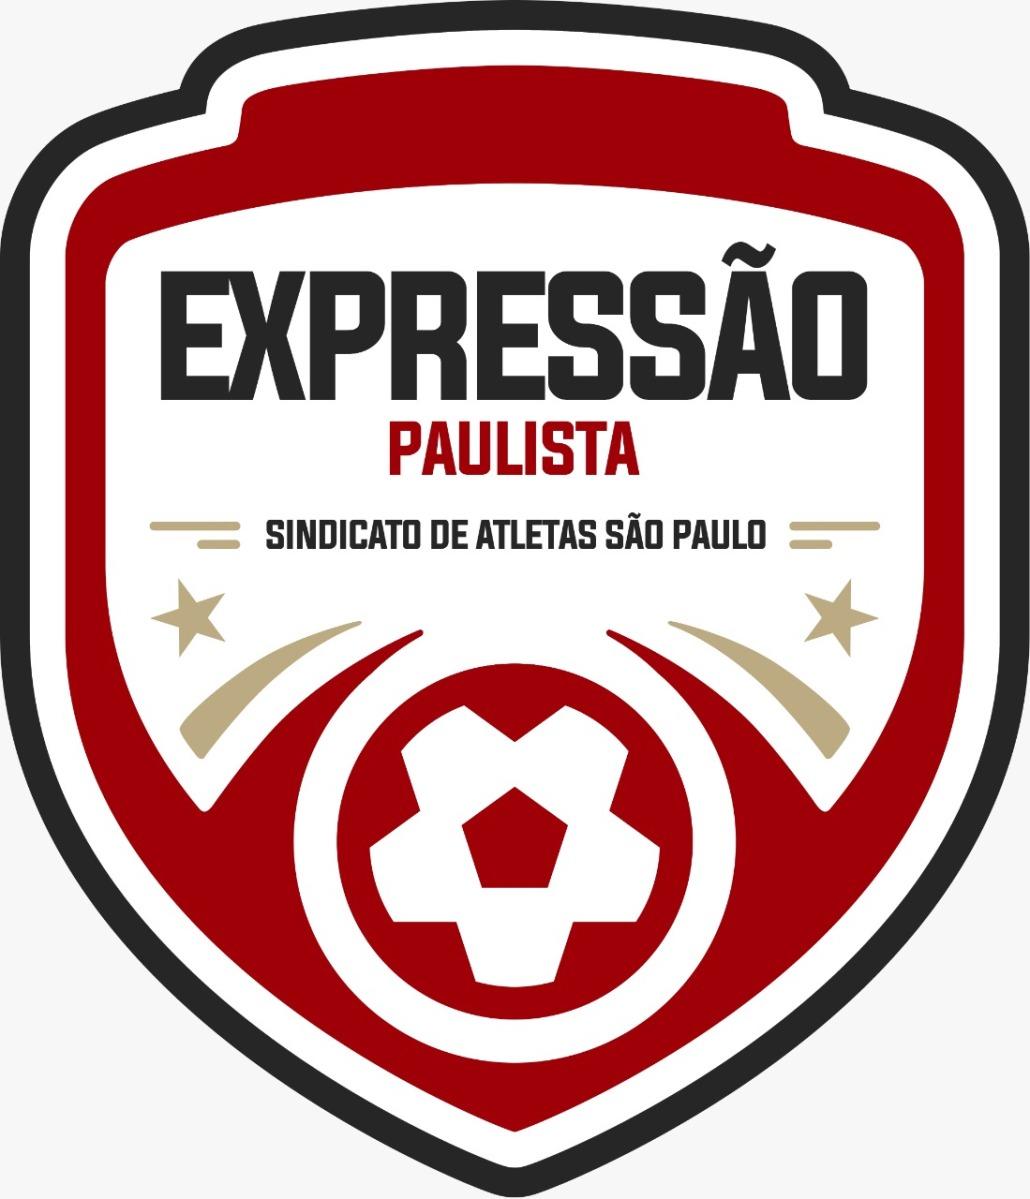 Expressão Paulista encerra o ano recolocando cinco atletas no exterior